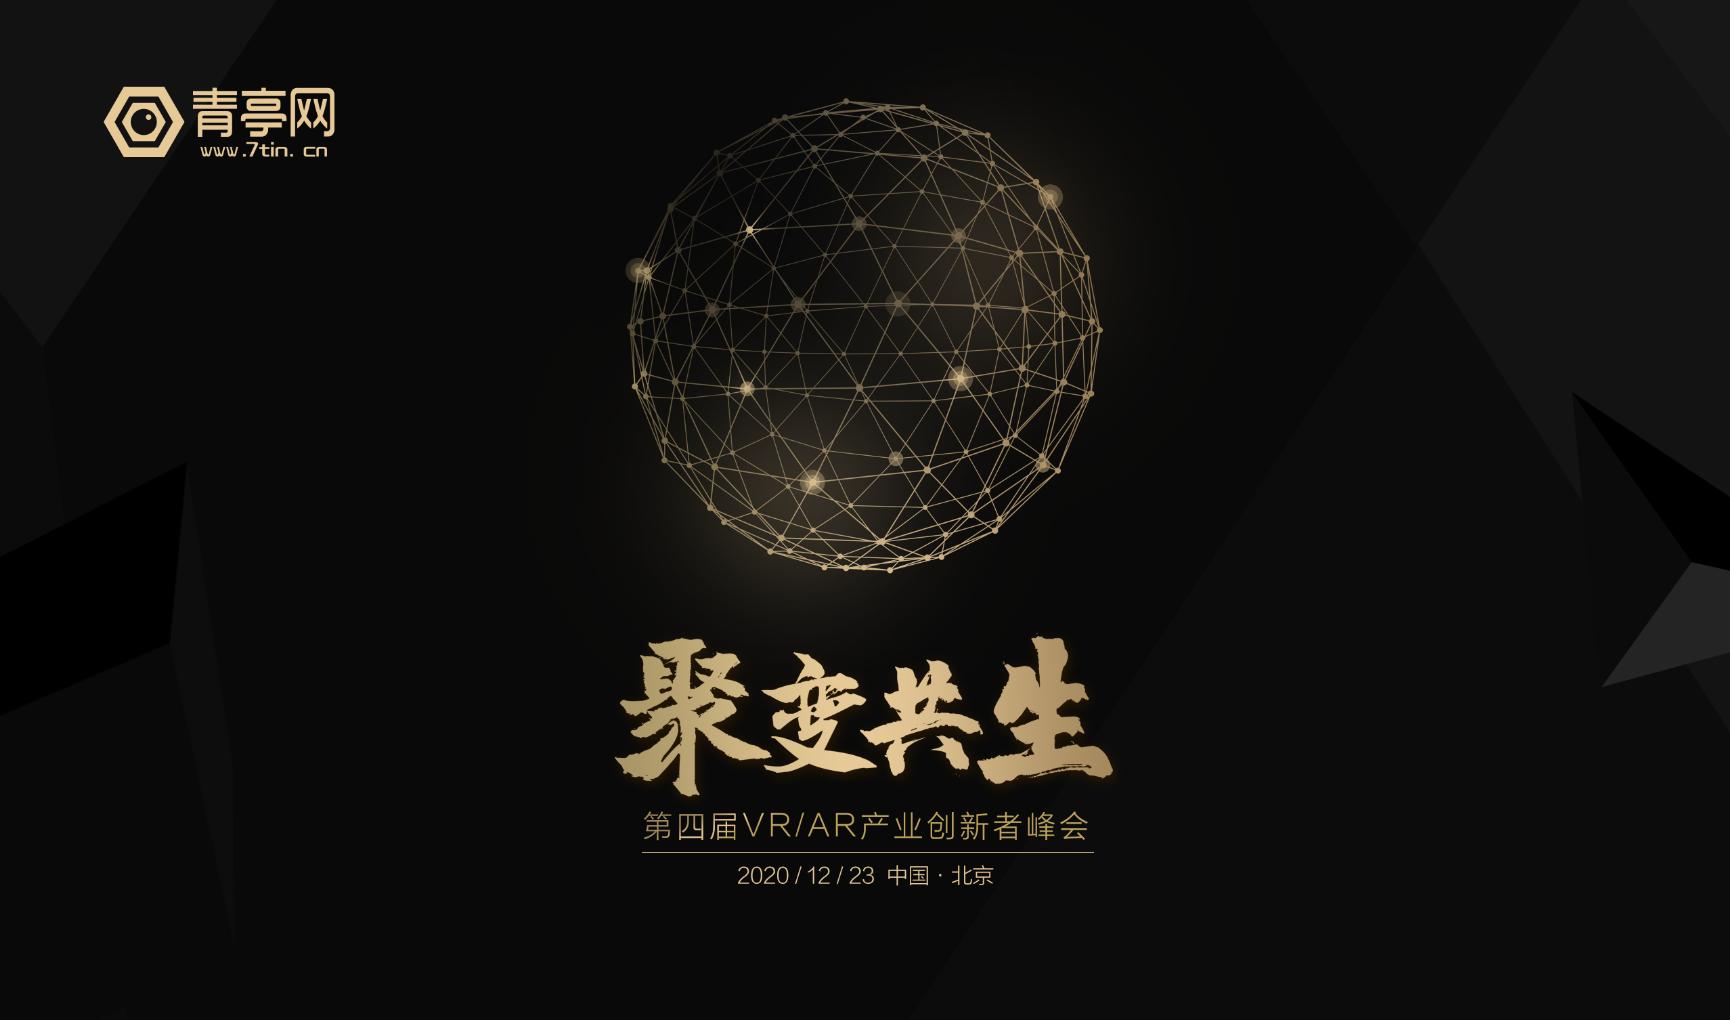 中科深智将携超大空间实时动画生产系统亮相第四届青亭峰会